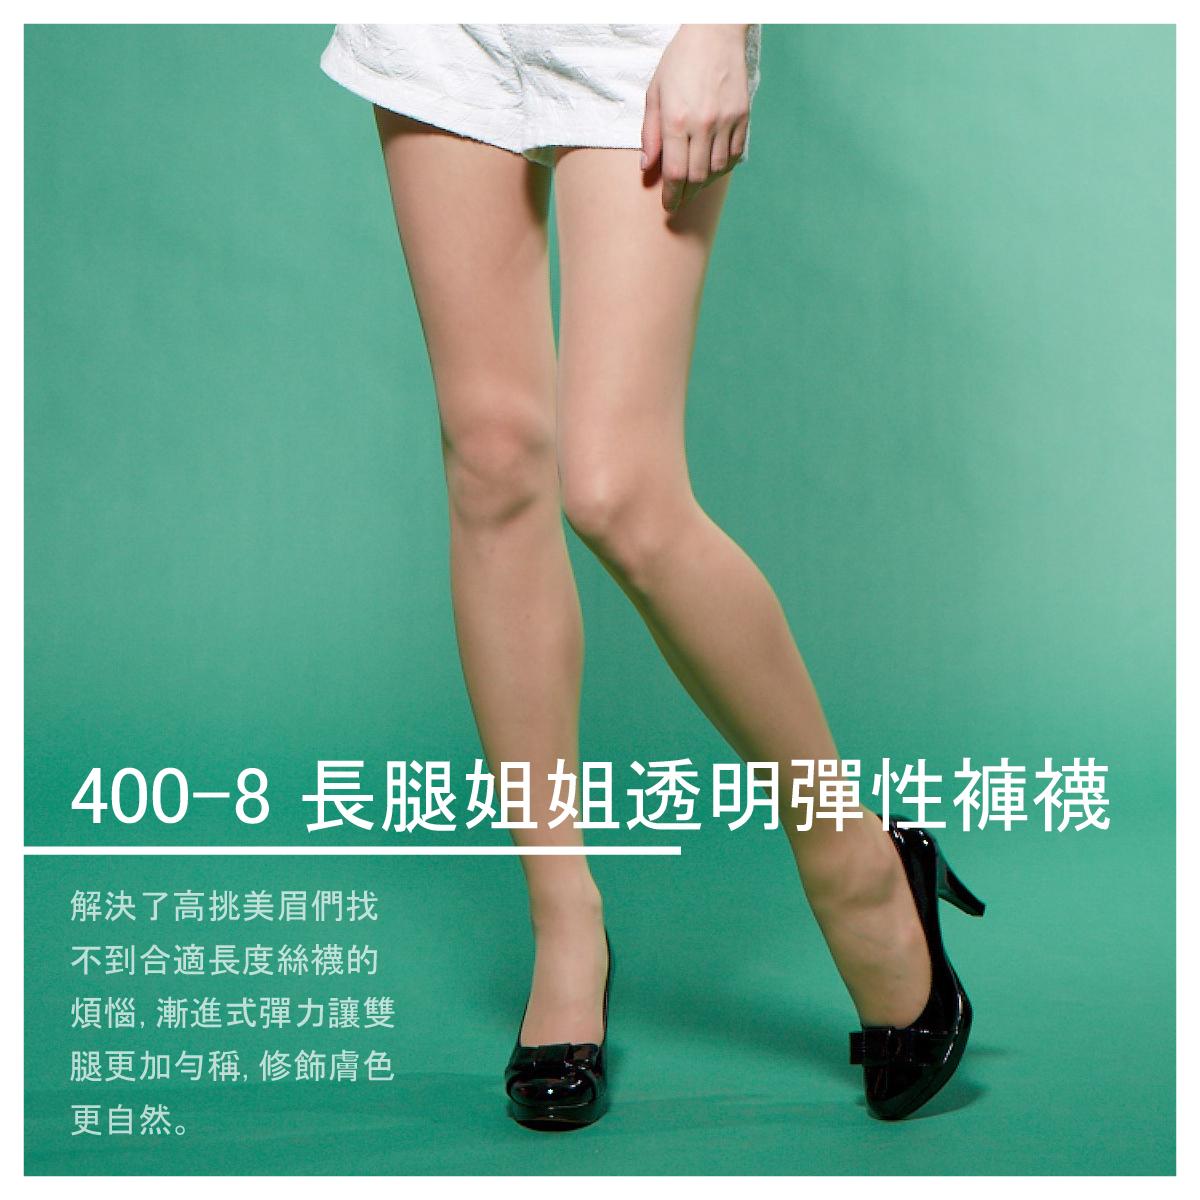 【琨蒂絲褲襪】400-8 長腿姐姐透明彈性褲襪(加長型)XL 3雙